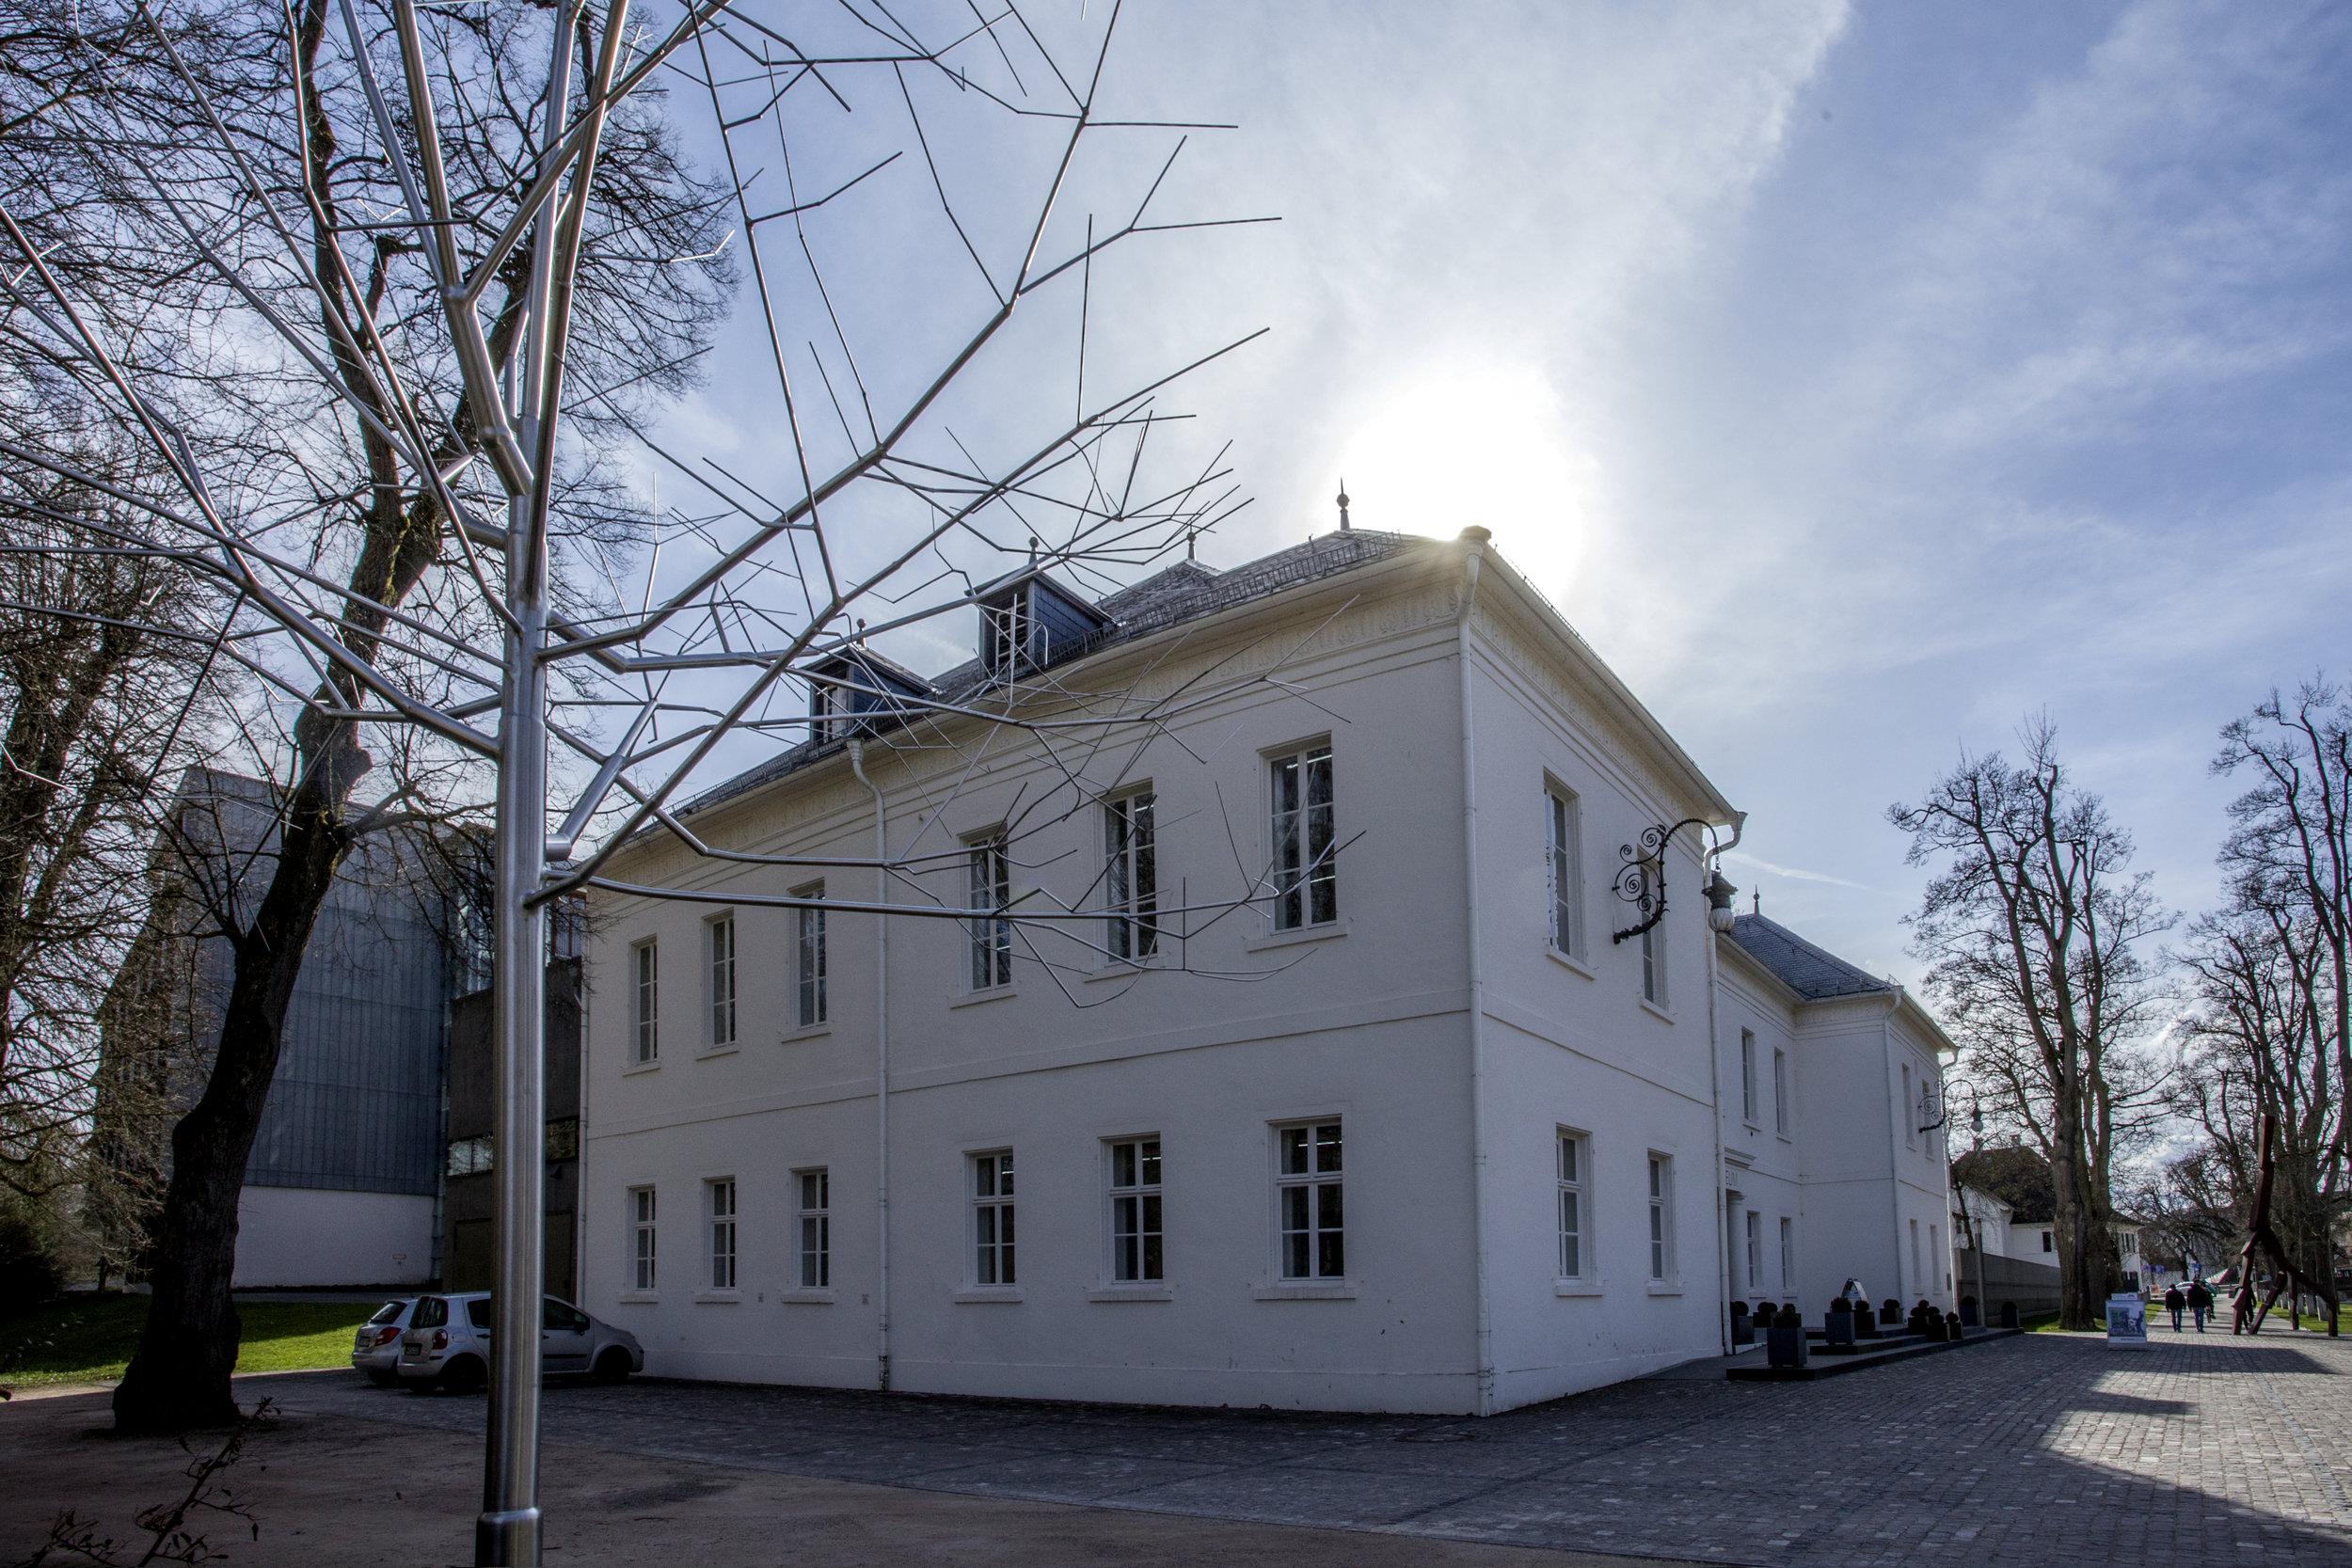 ... sur lequel donnent les lignes presques austères d'une belle façade du début du 19e siècle.